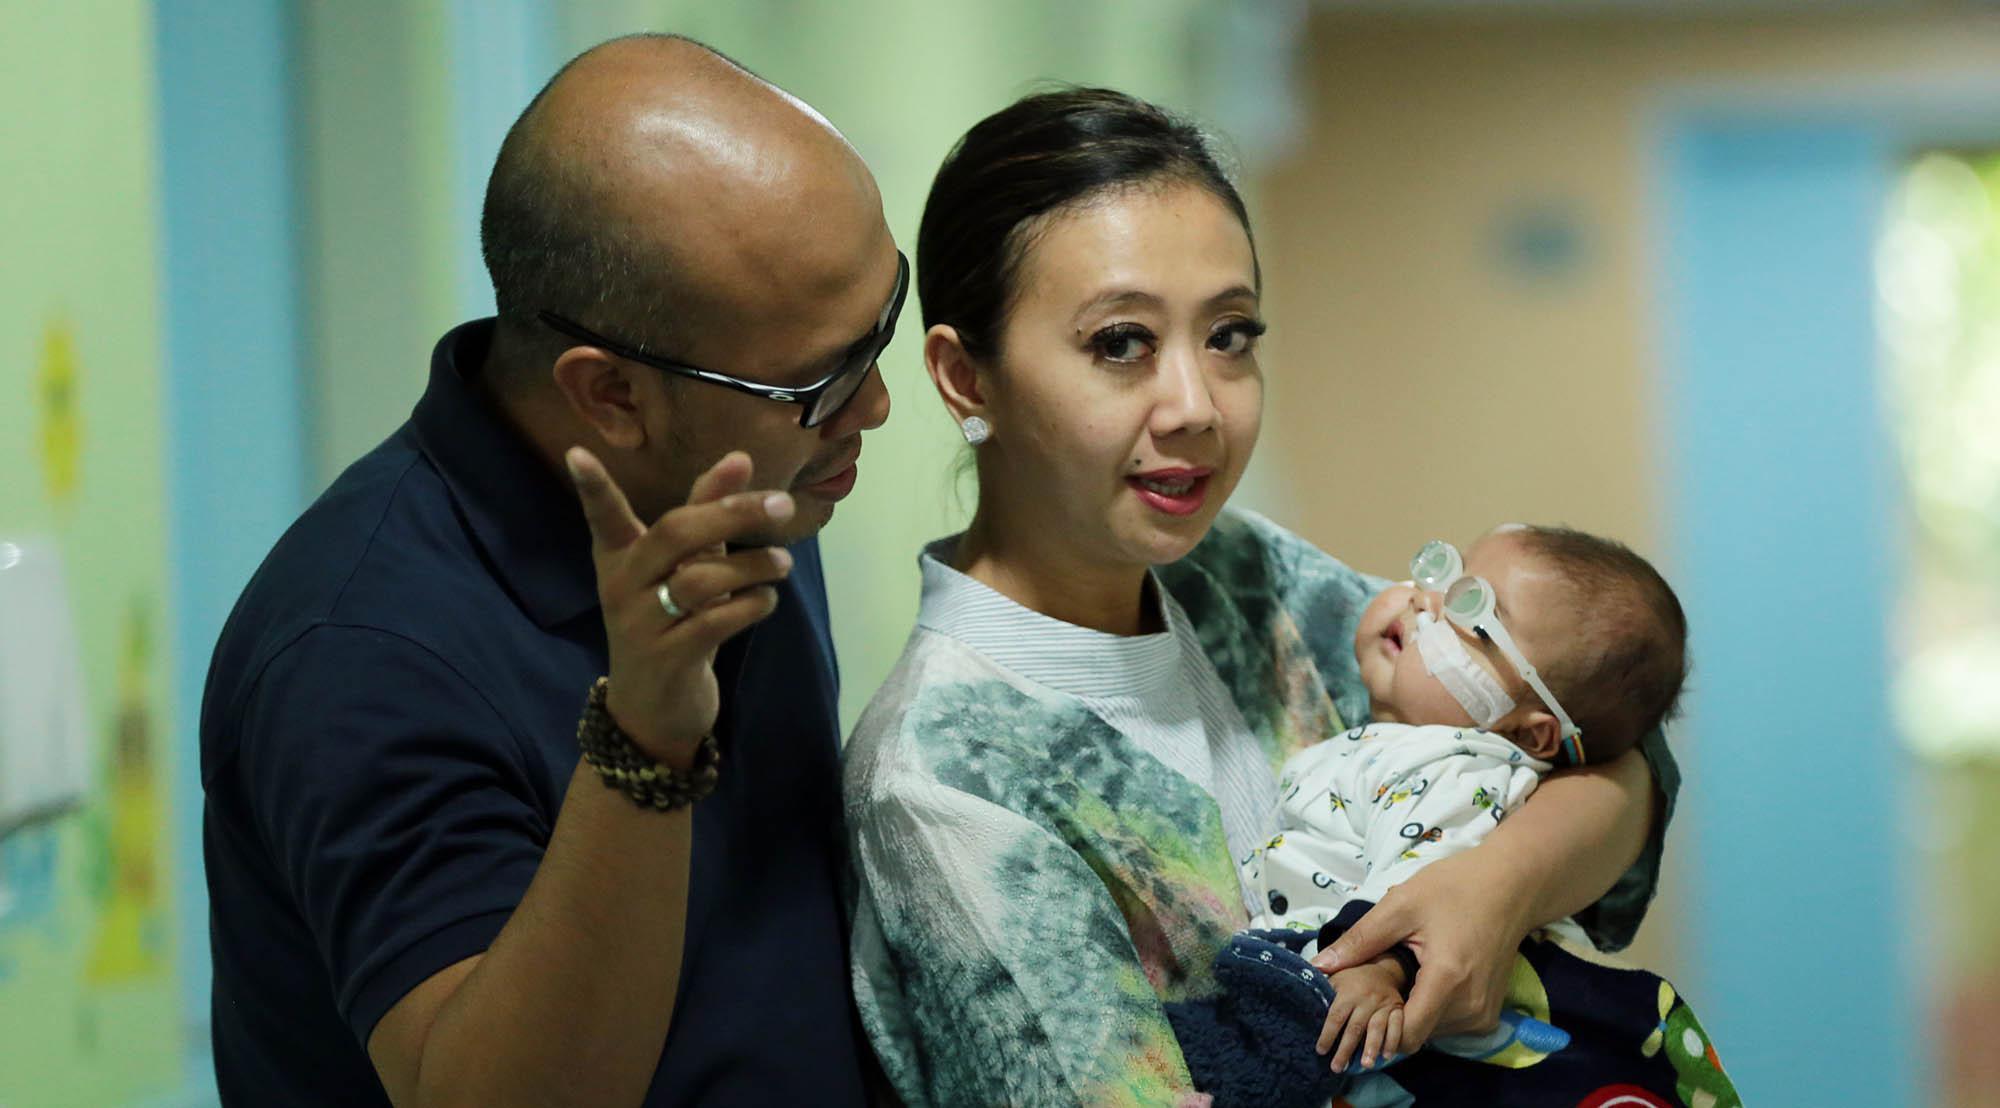 Asri Welas menggendong Ibran saat diperbolehkan keluar dari Rumah Sakit. (Deki Prayoga/Bintang.com)